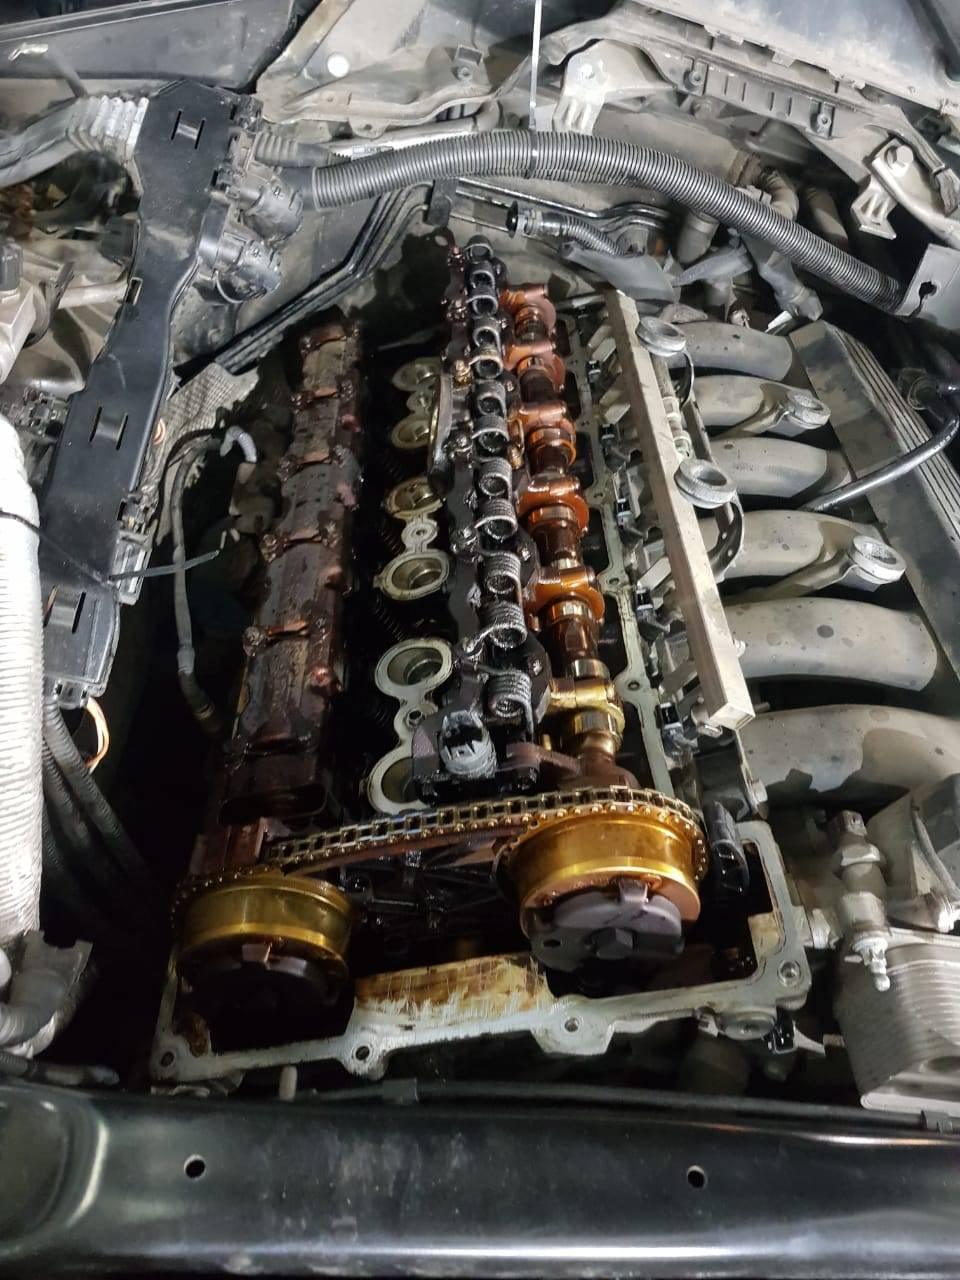 Замена клапанной крышки двигателя N52 на BMW X5 E70 4